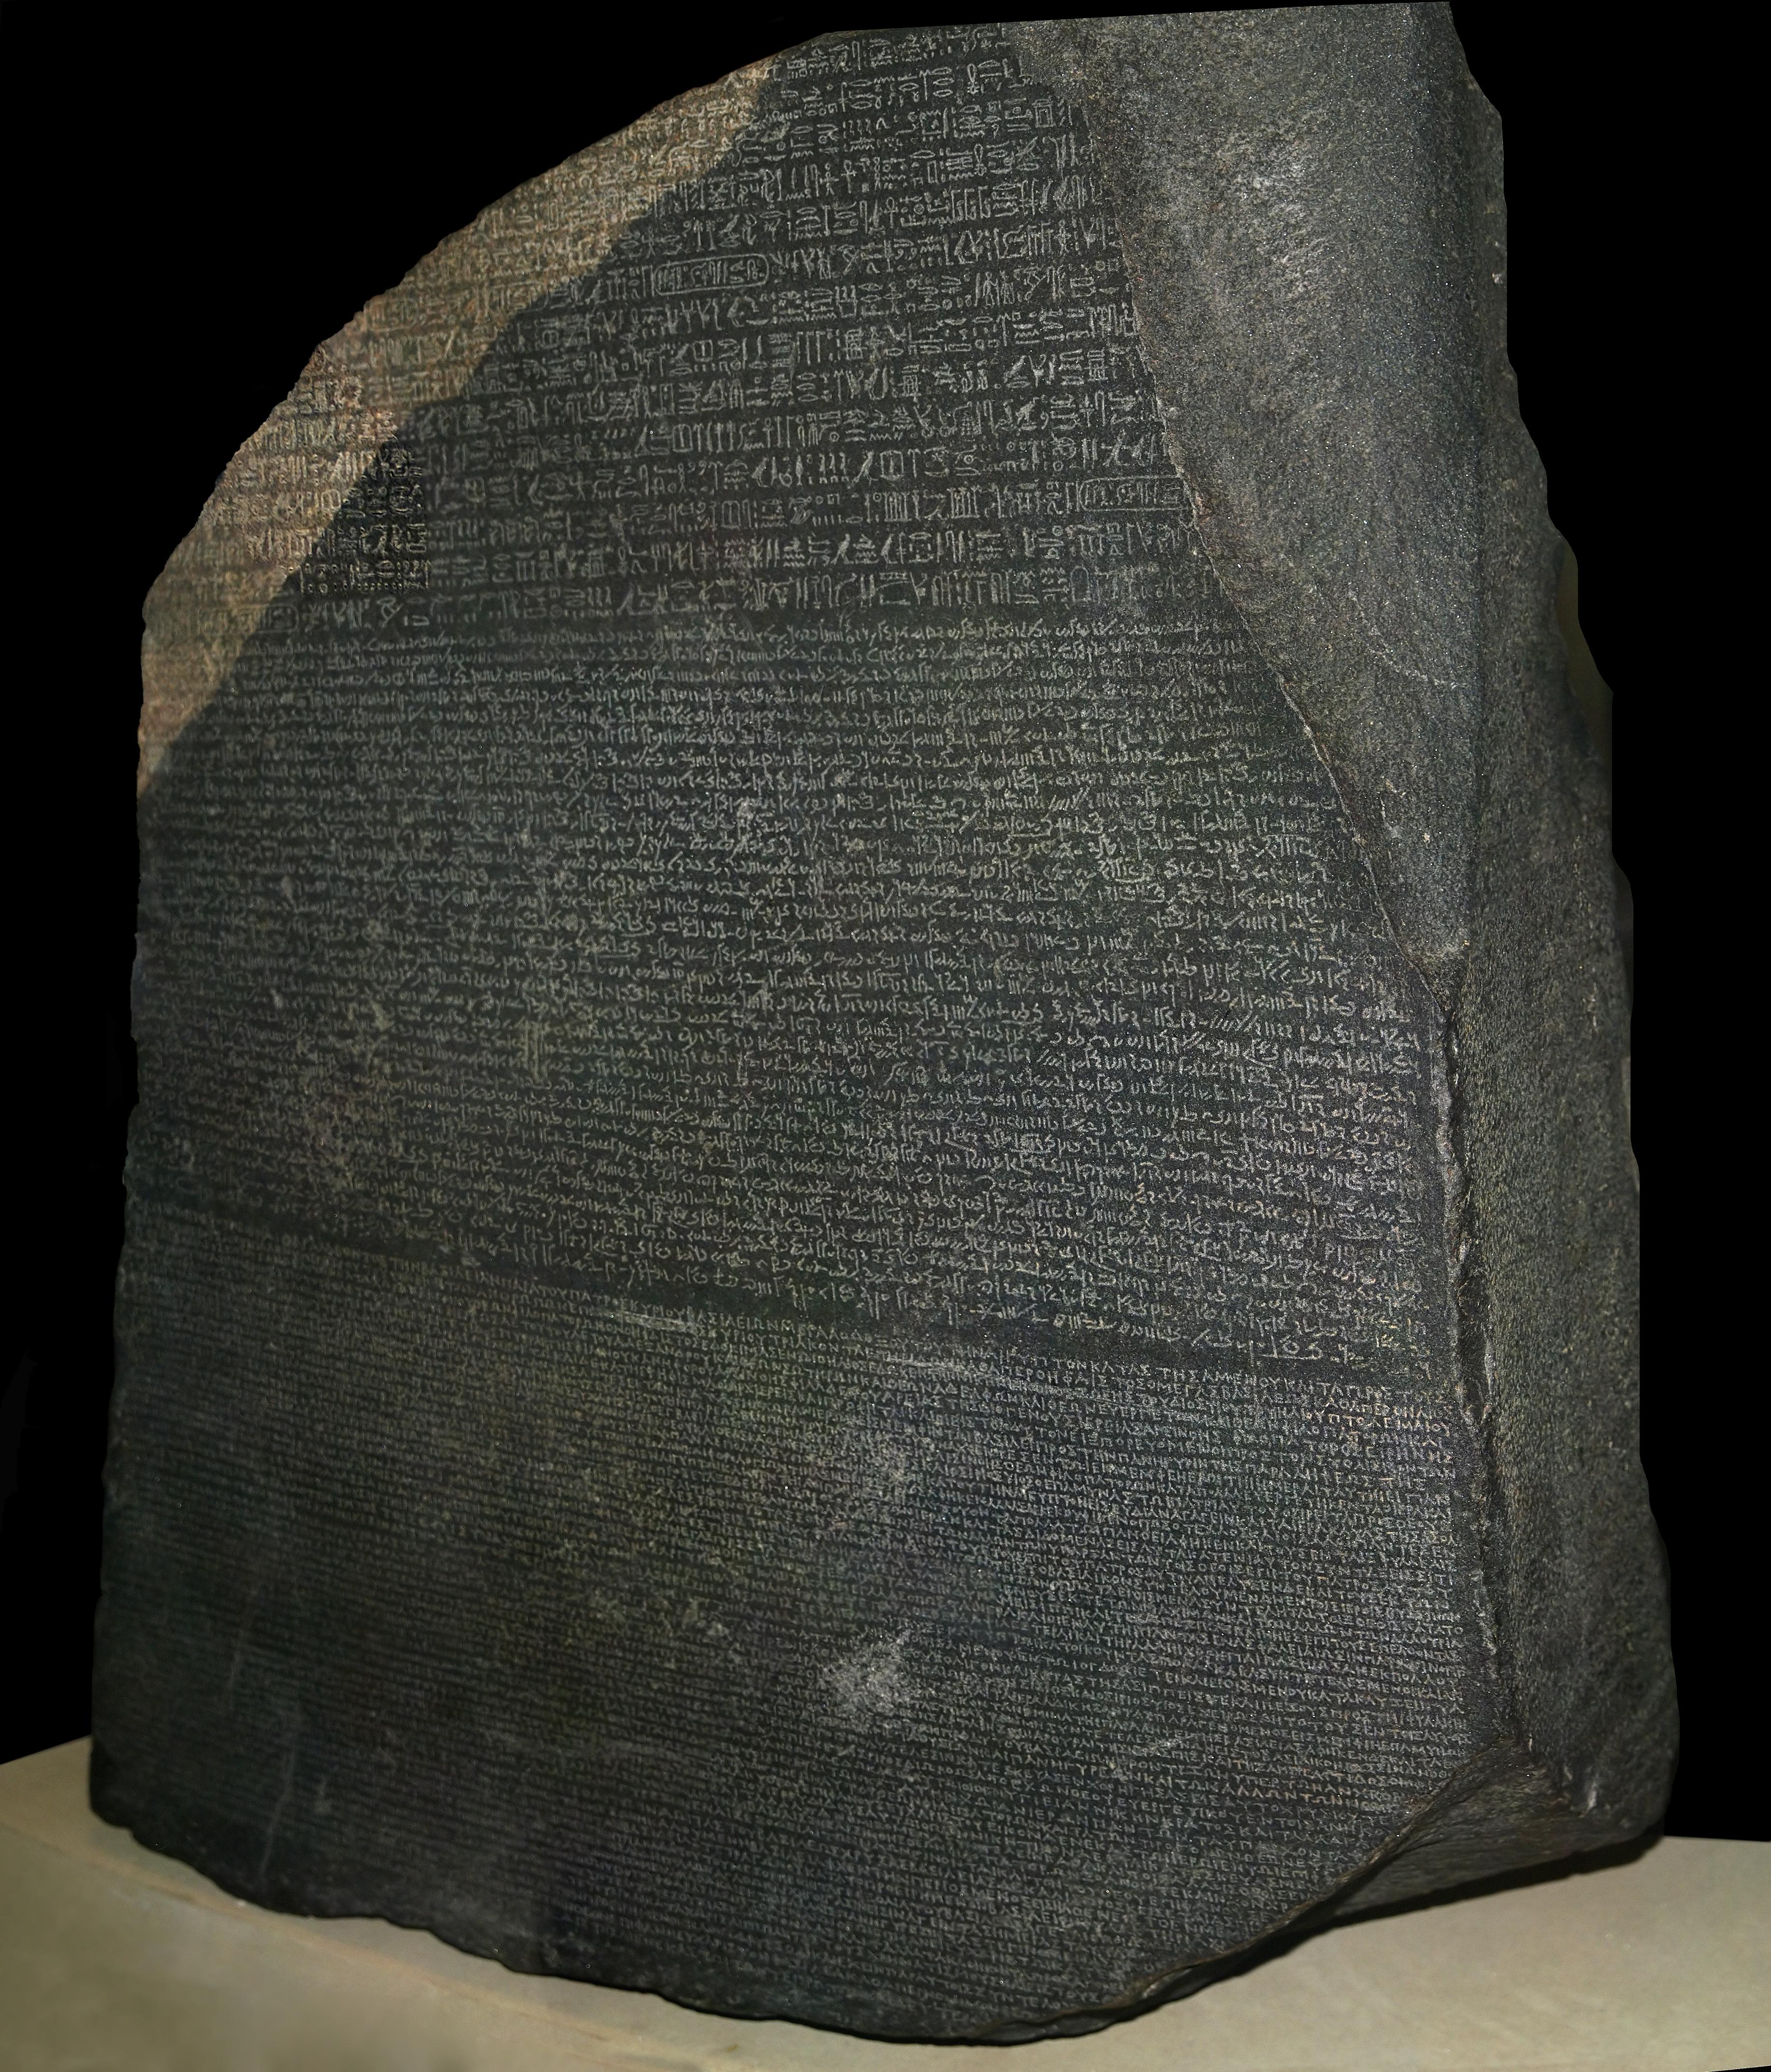 De steen van Rosetta. Een steen met meerdere verhalen